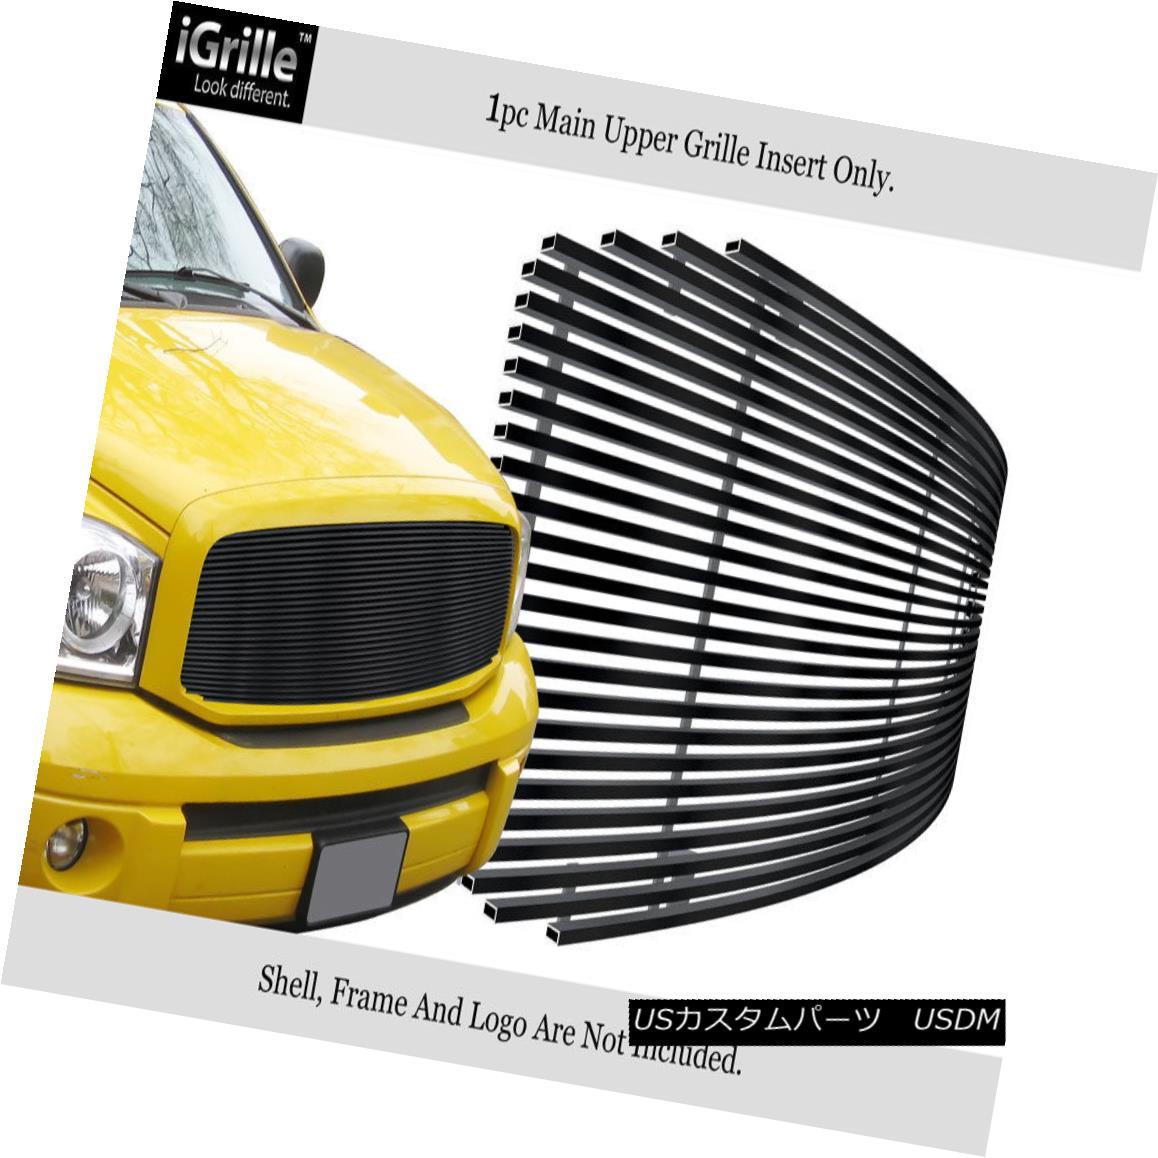 グリル For 2006-2008 Dodge Ram 1500/2500/3500 Black Stainless Steel Billet Grille 2006-2008ダッジラム1500/2500/3500ブラックステンレス鋼ビレットグリル用